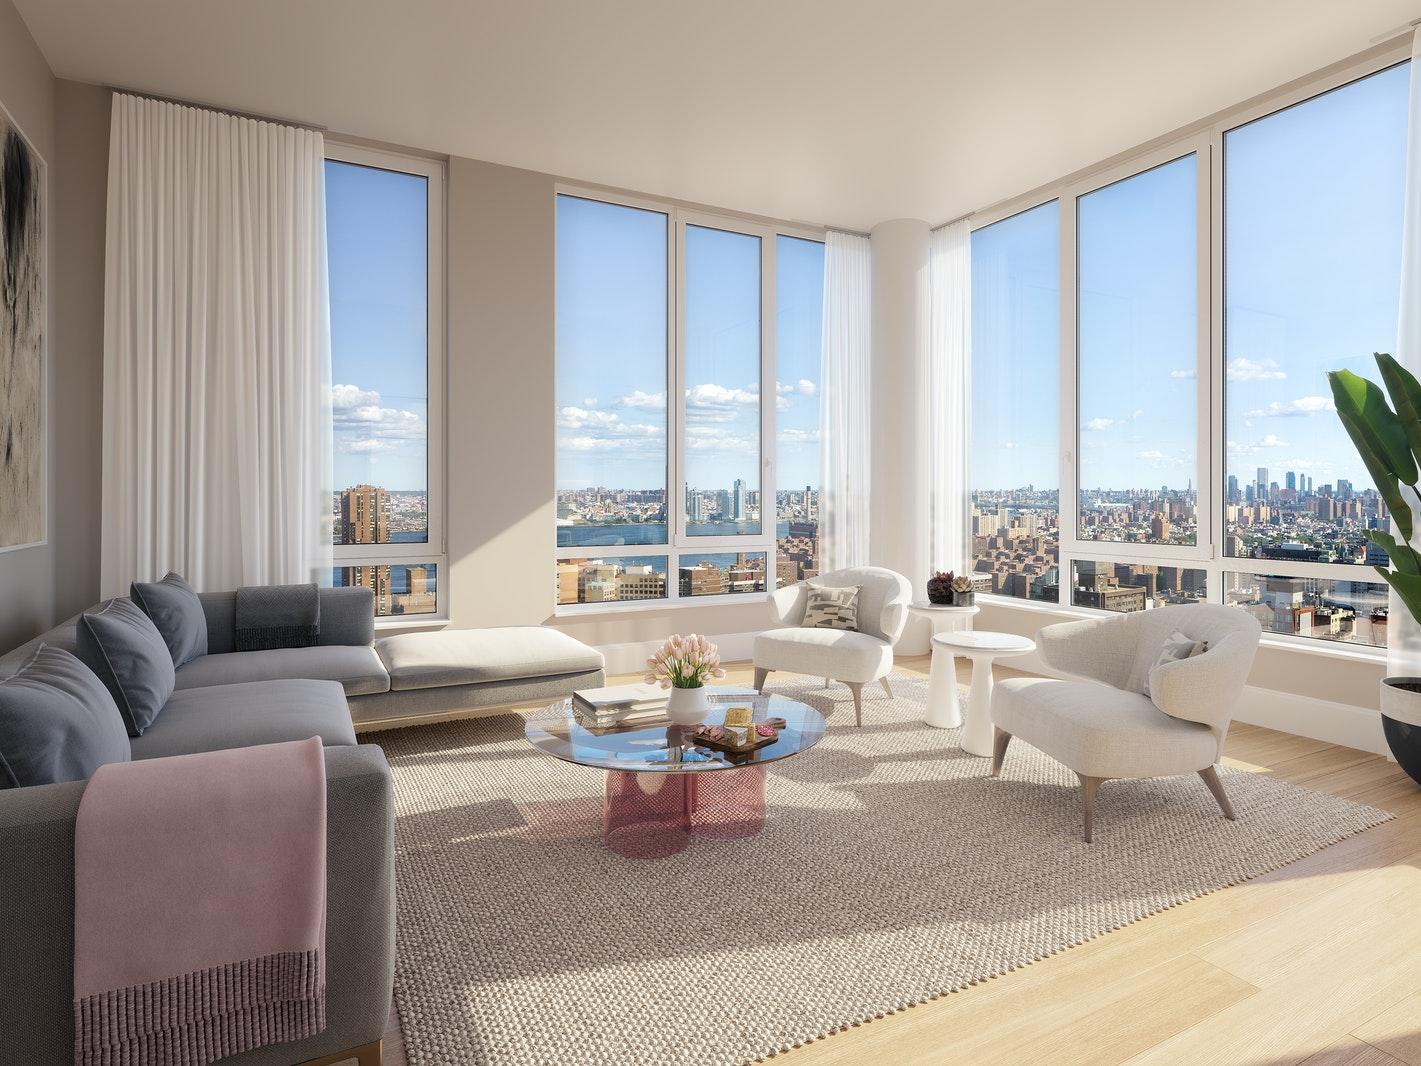 Apartment for sale at 368 Third Avenue, Apt 6C